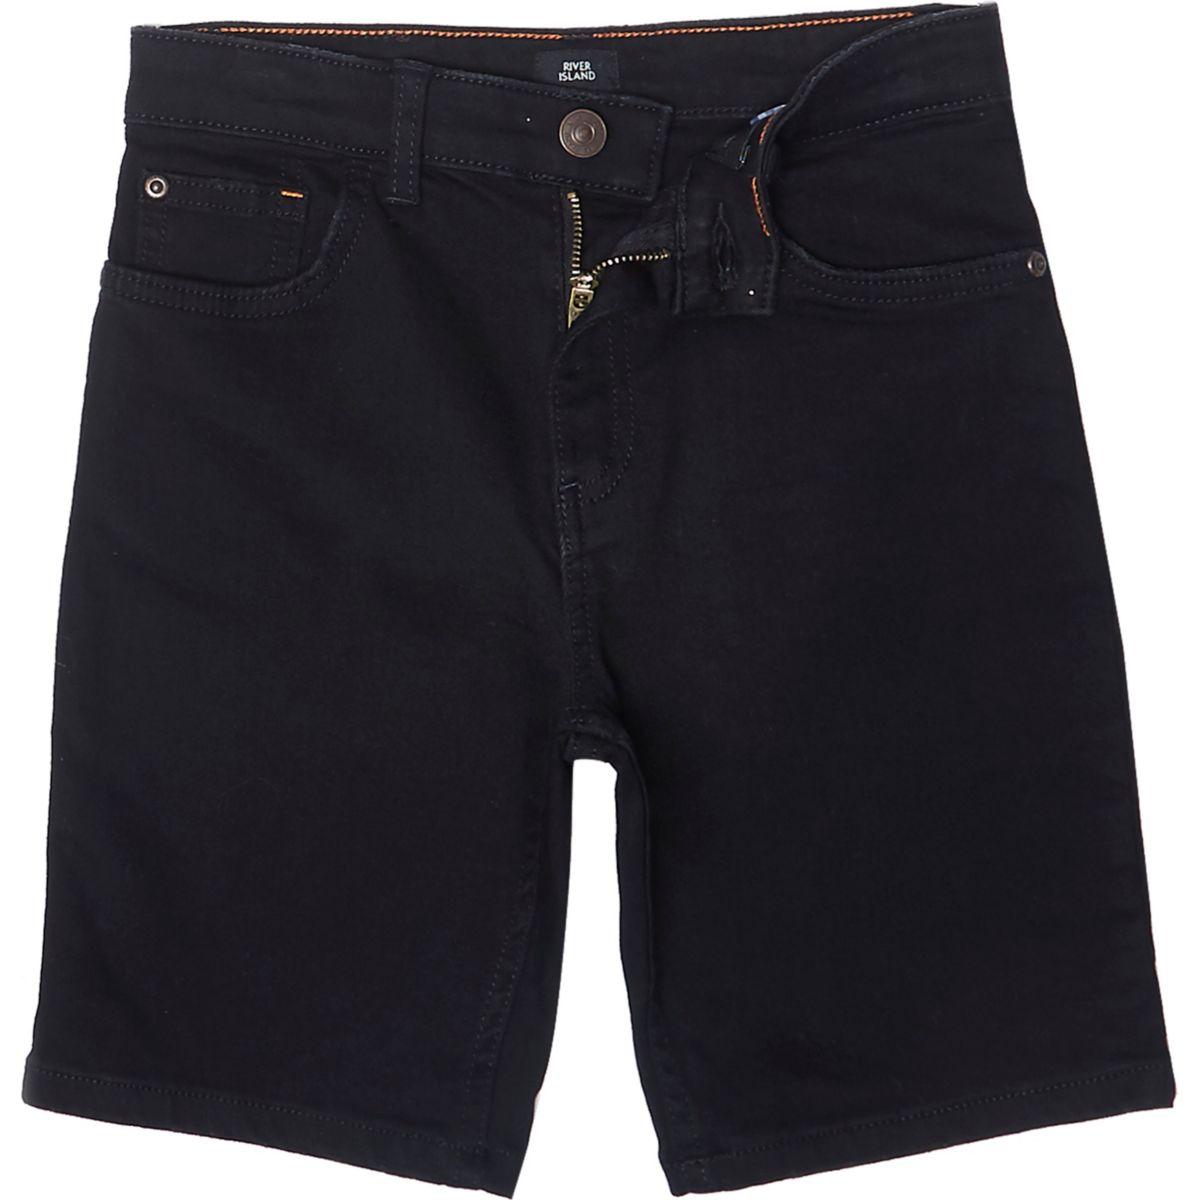 Short en jean slim Dylan noir pour garçon